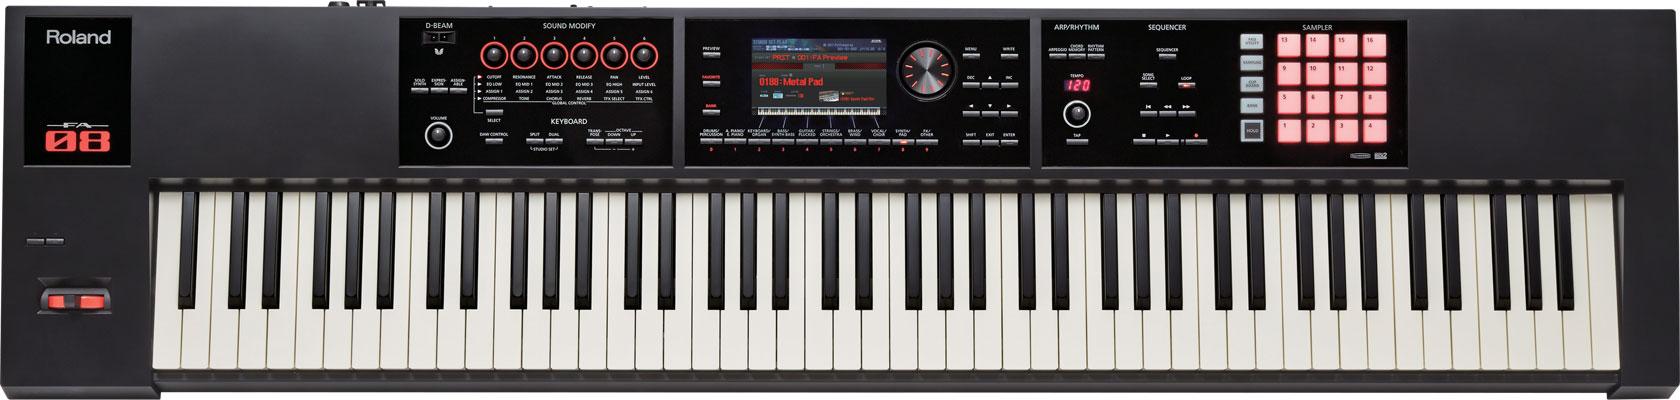 Alt J Yamaha Keyboard